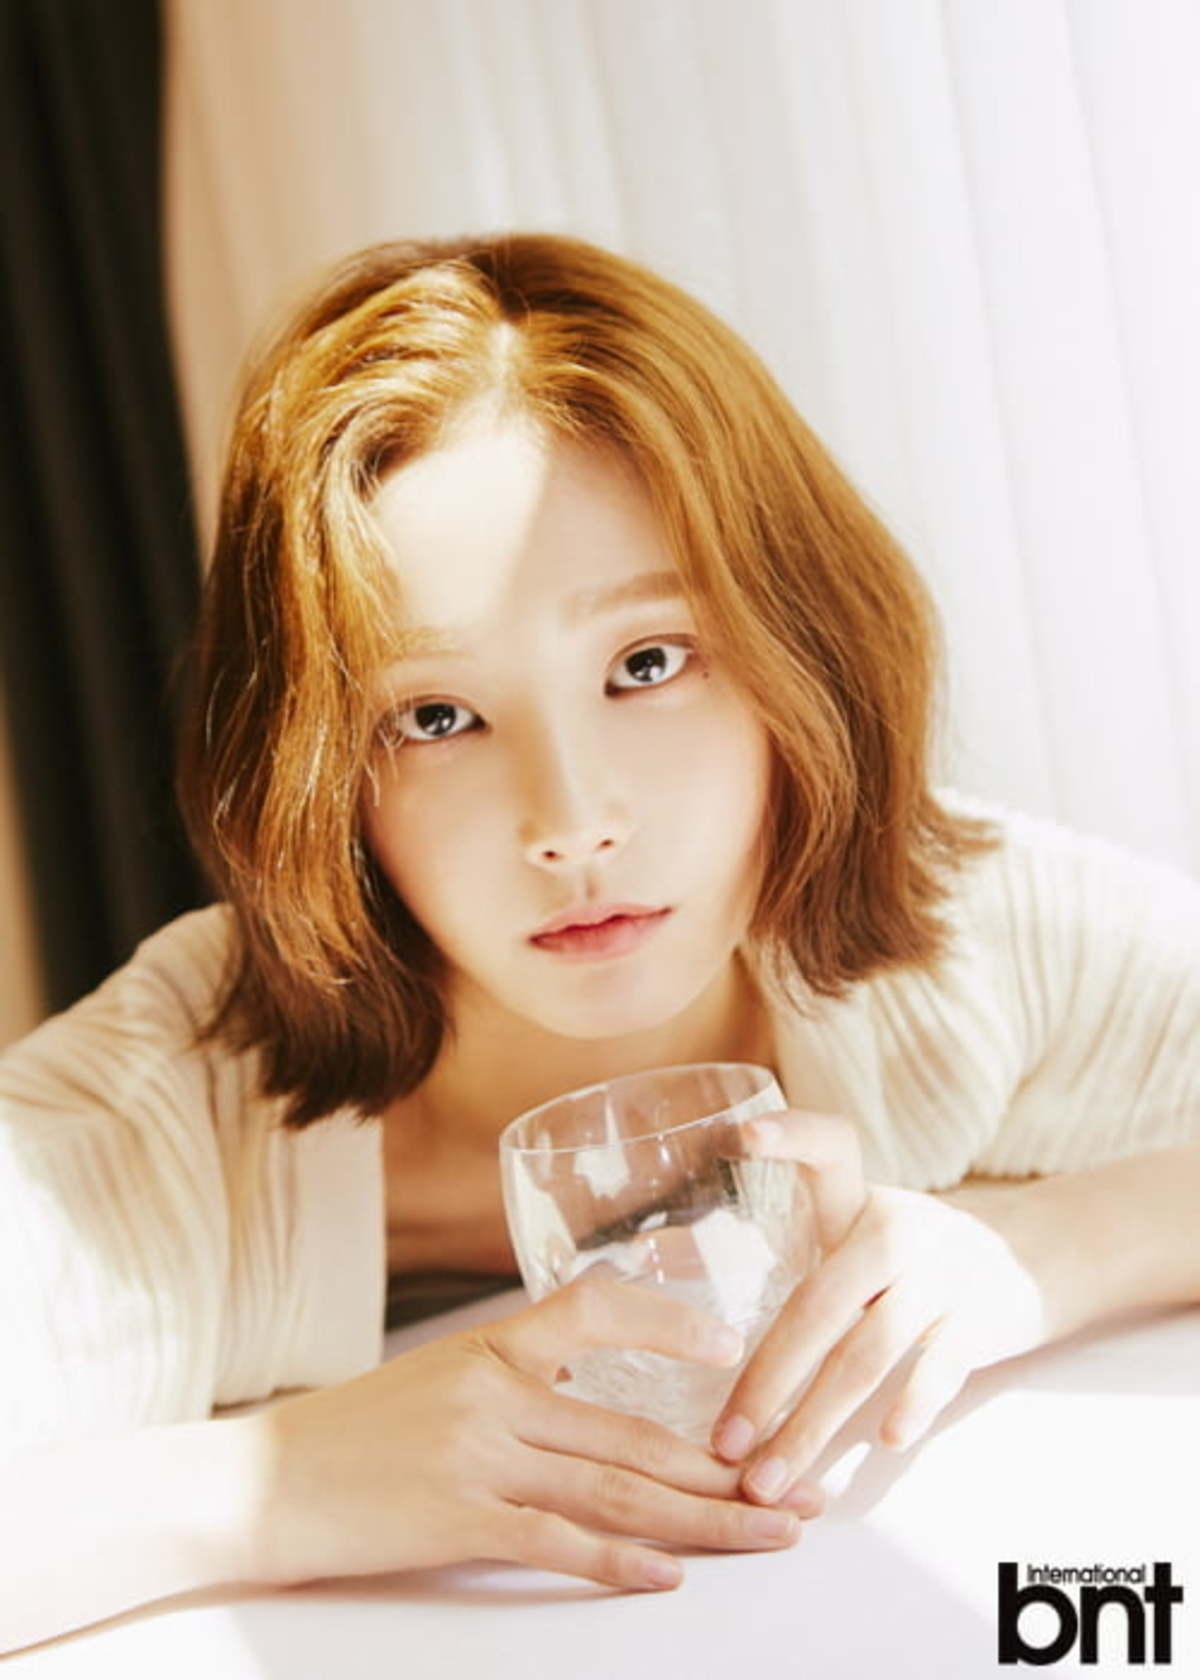 yeonwoo beauty tip 4